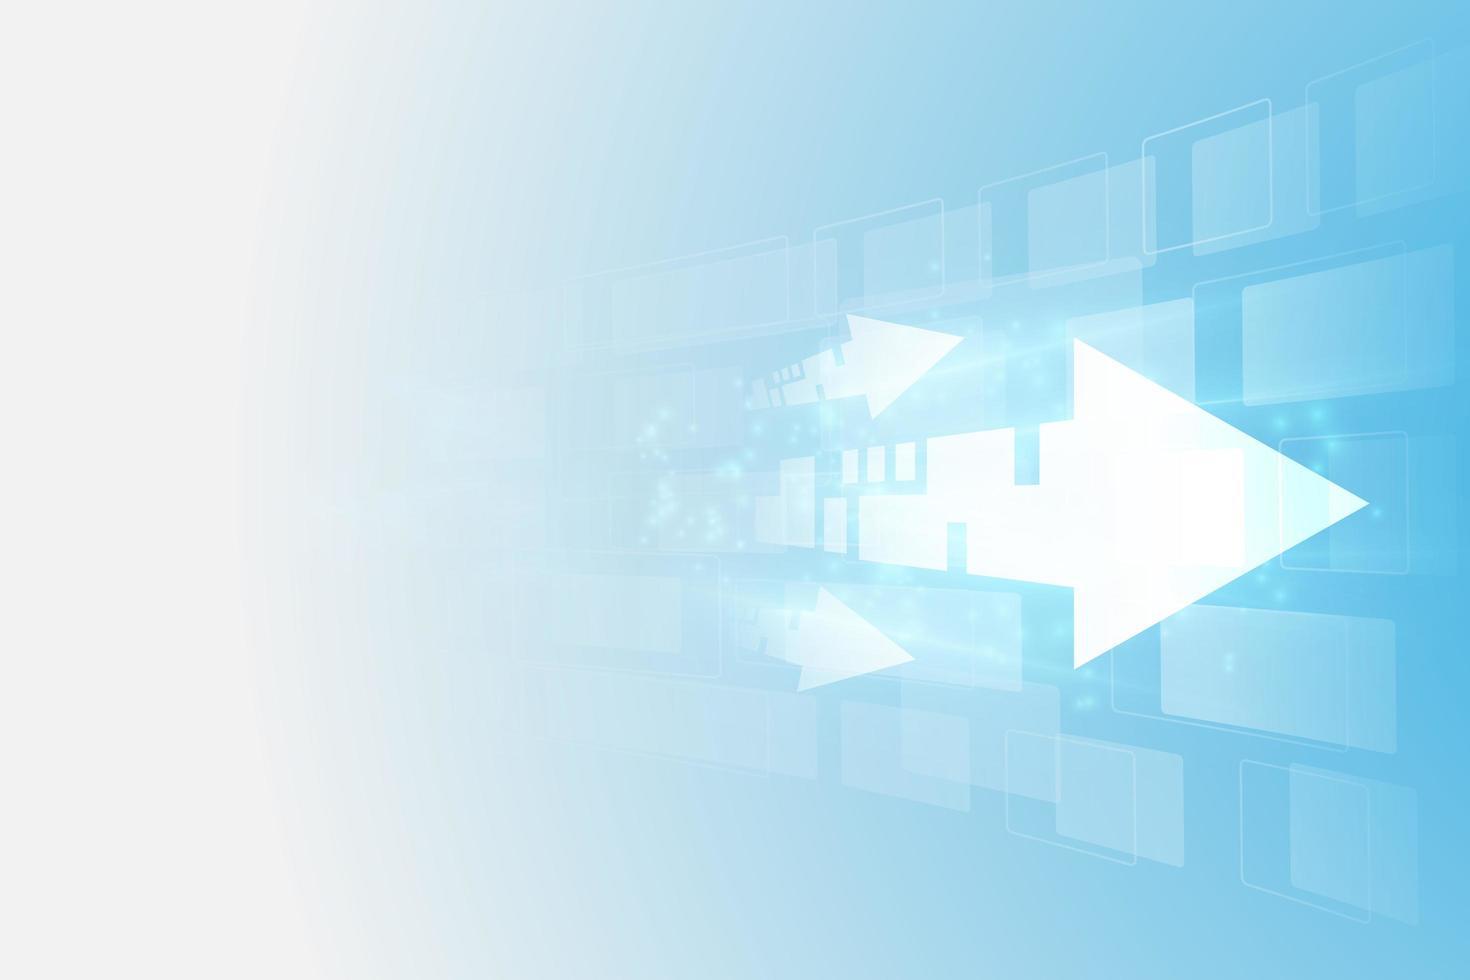 abstrakte zukünftige digitale Geschwindigkeitstechnologie vektor